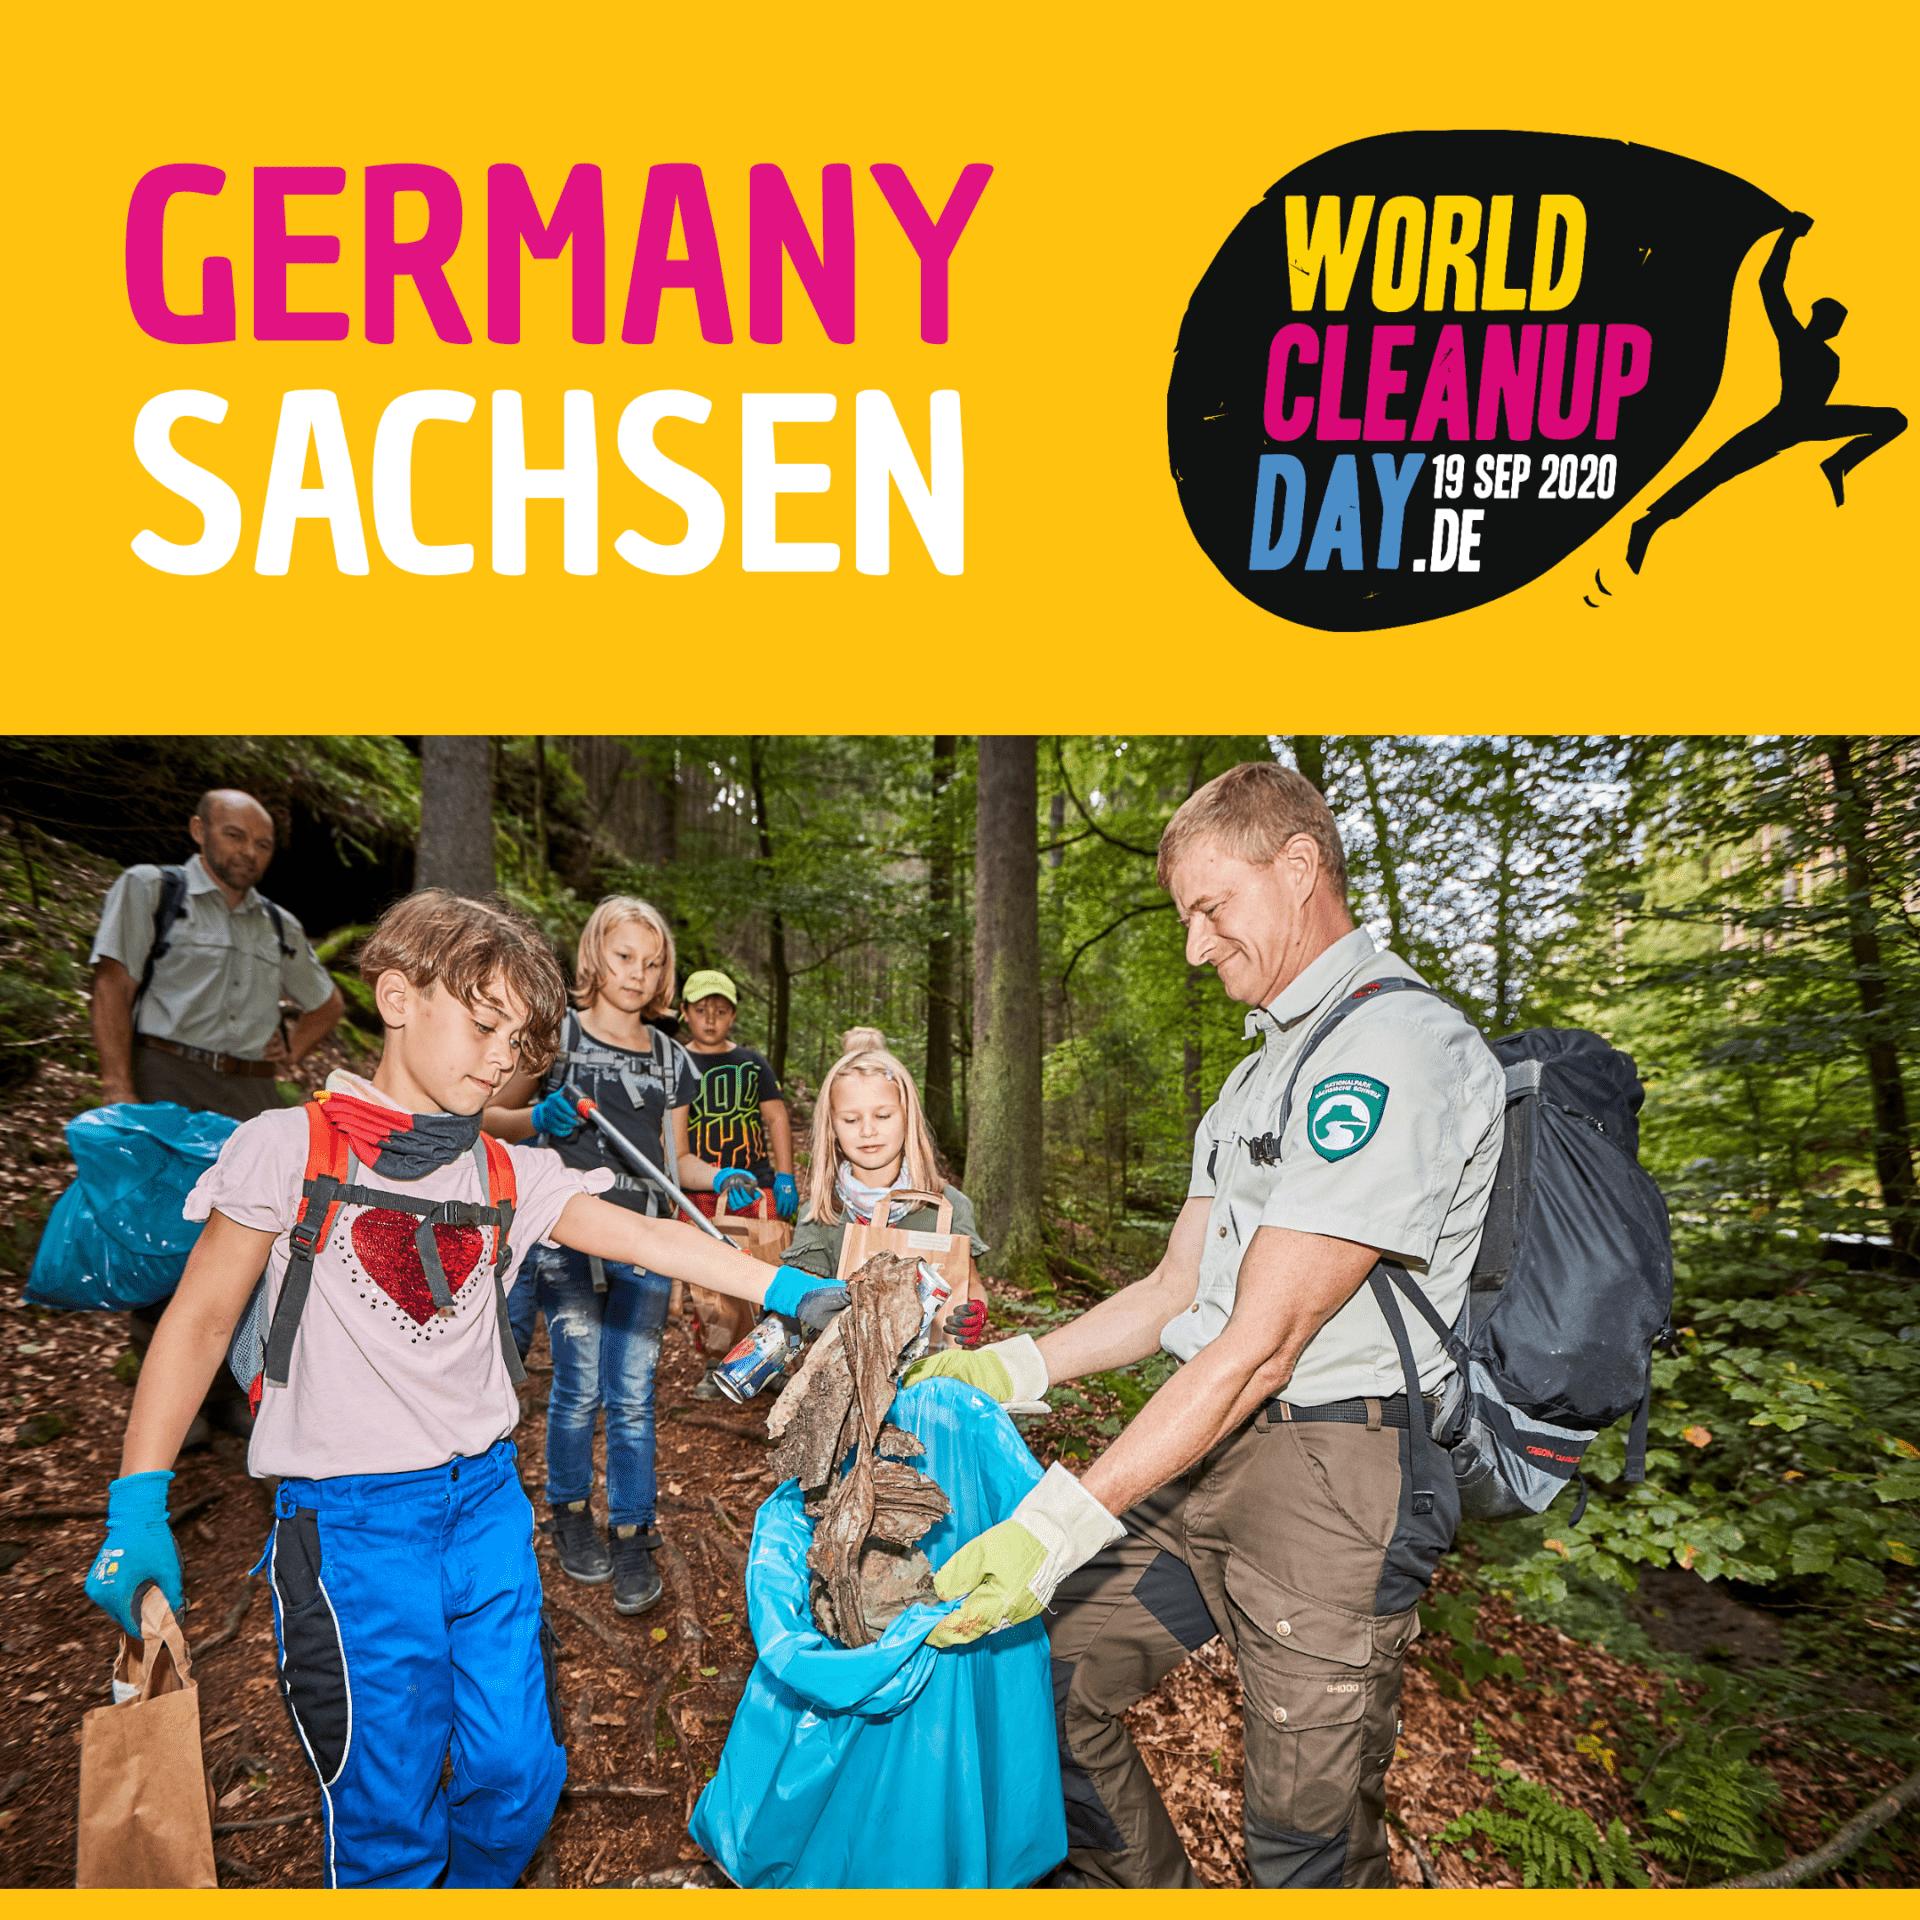 Clean Up im Wasserquartier Chemnitz (Sachsen)